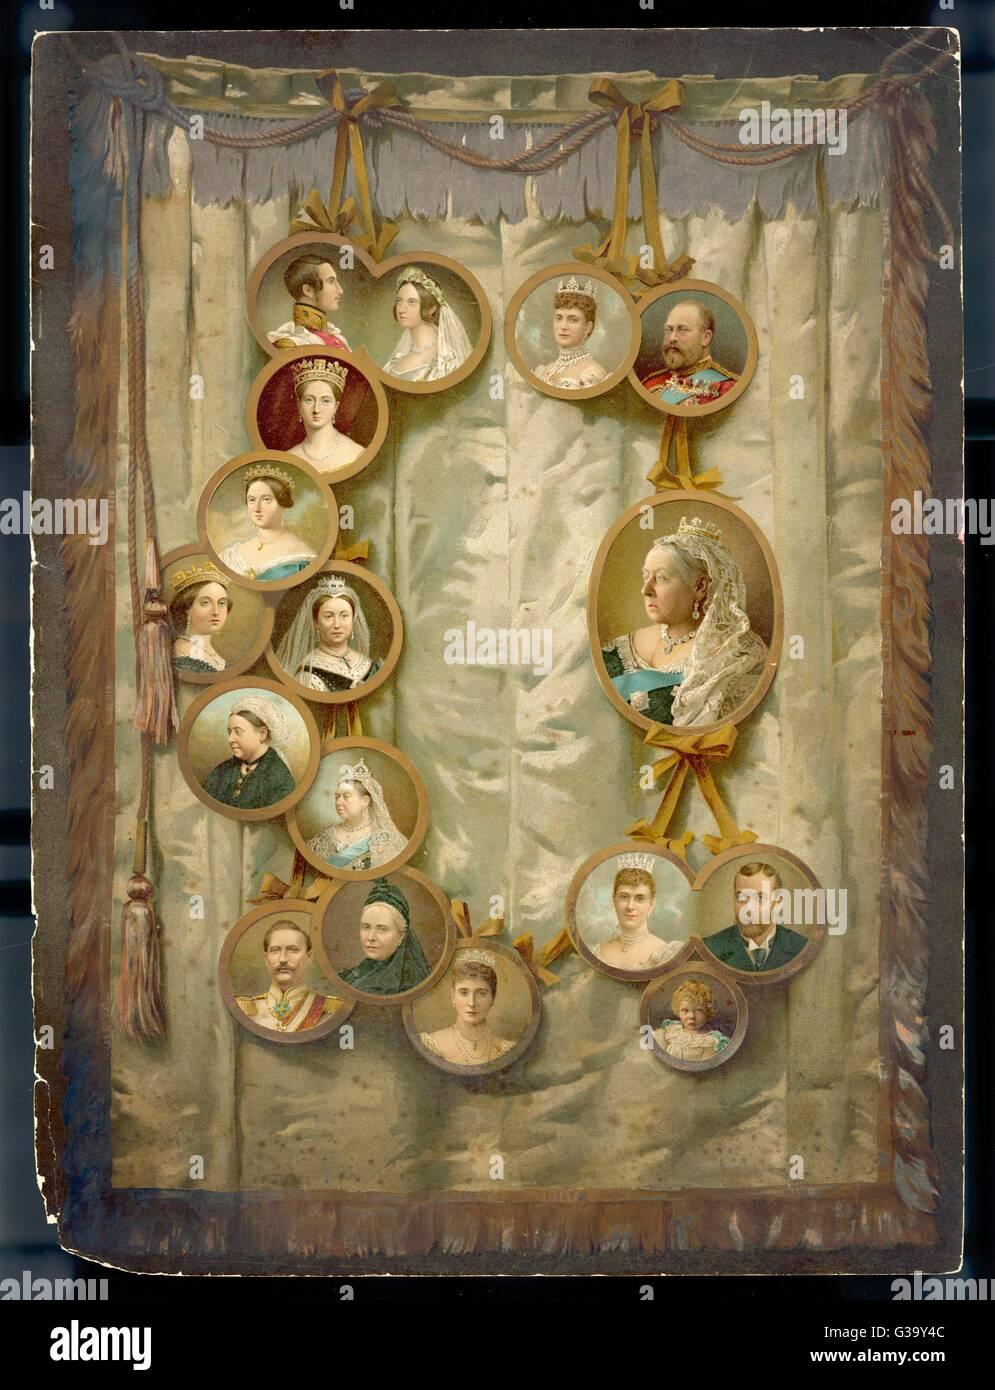 Ein Array von königlichen Portraits zum Gedenken an Victorias Diamond Jubilee Datum: 1897 Stockbild